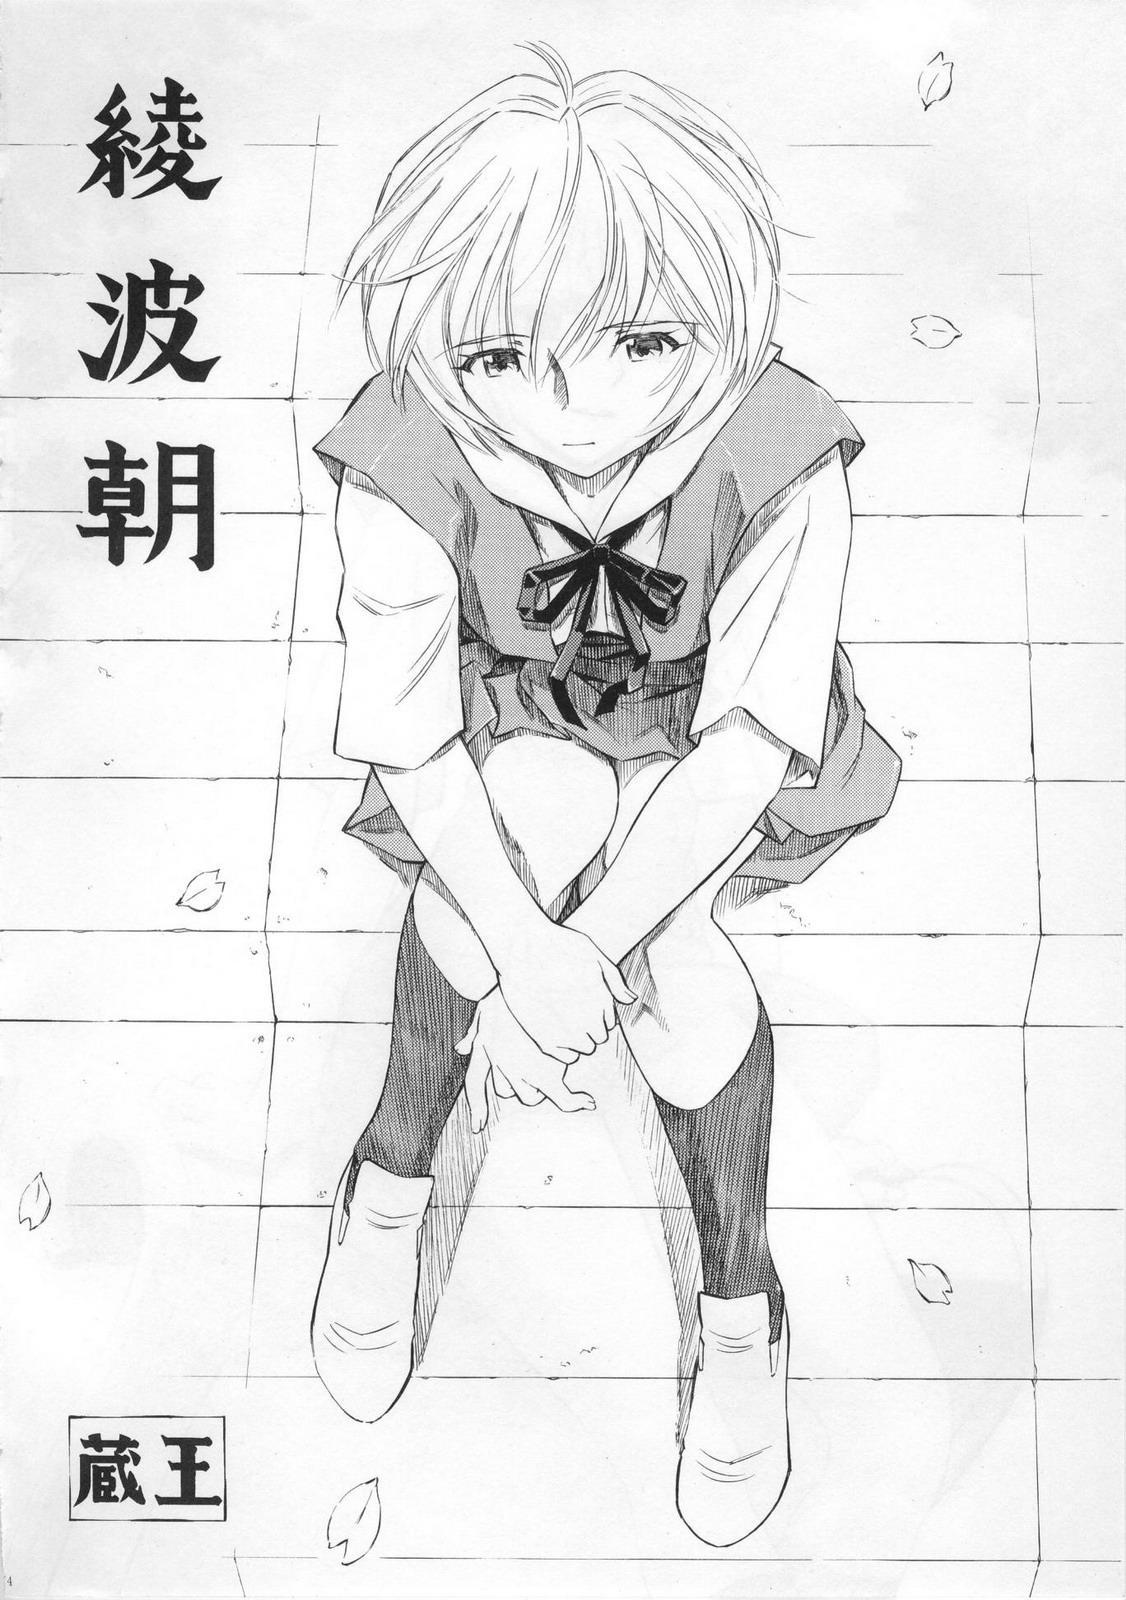 (COMIC1☆5) [Studio Wallaby (Kura Oh)]  Ayanami - Asa Hiru Yoru - Shin (Neon Genesis Evangelion) 2